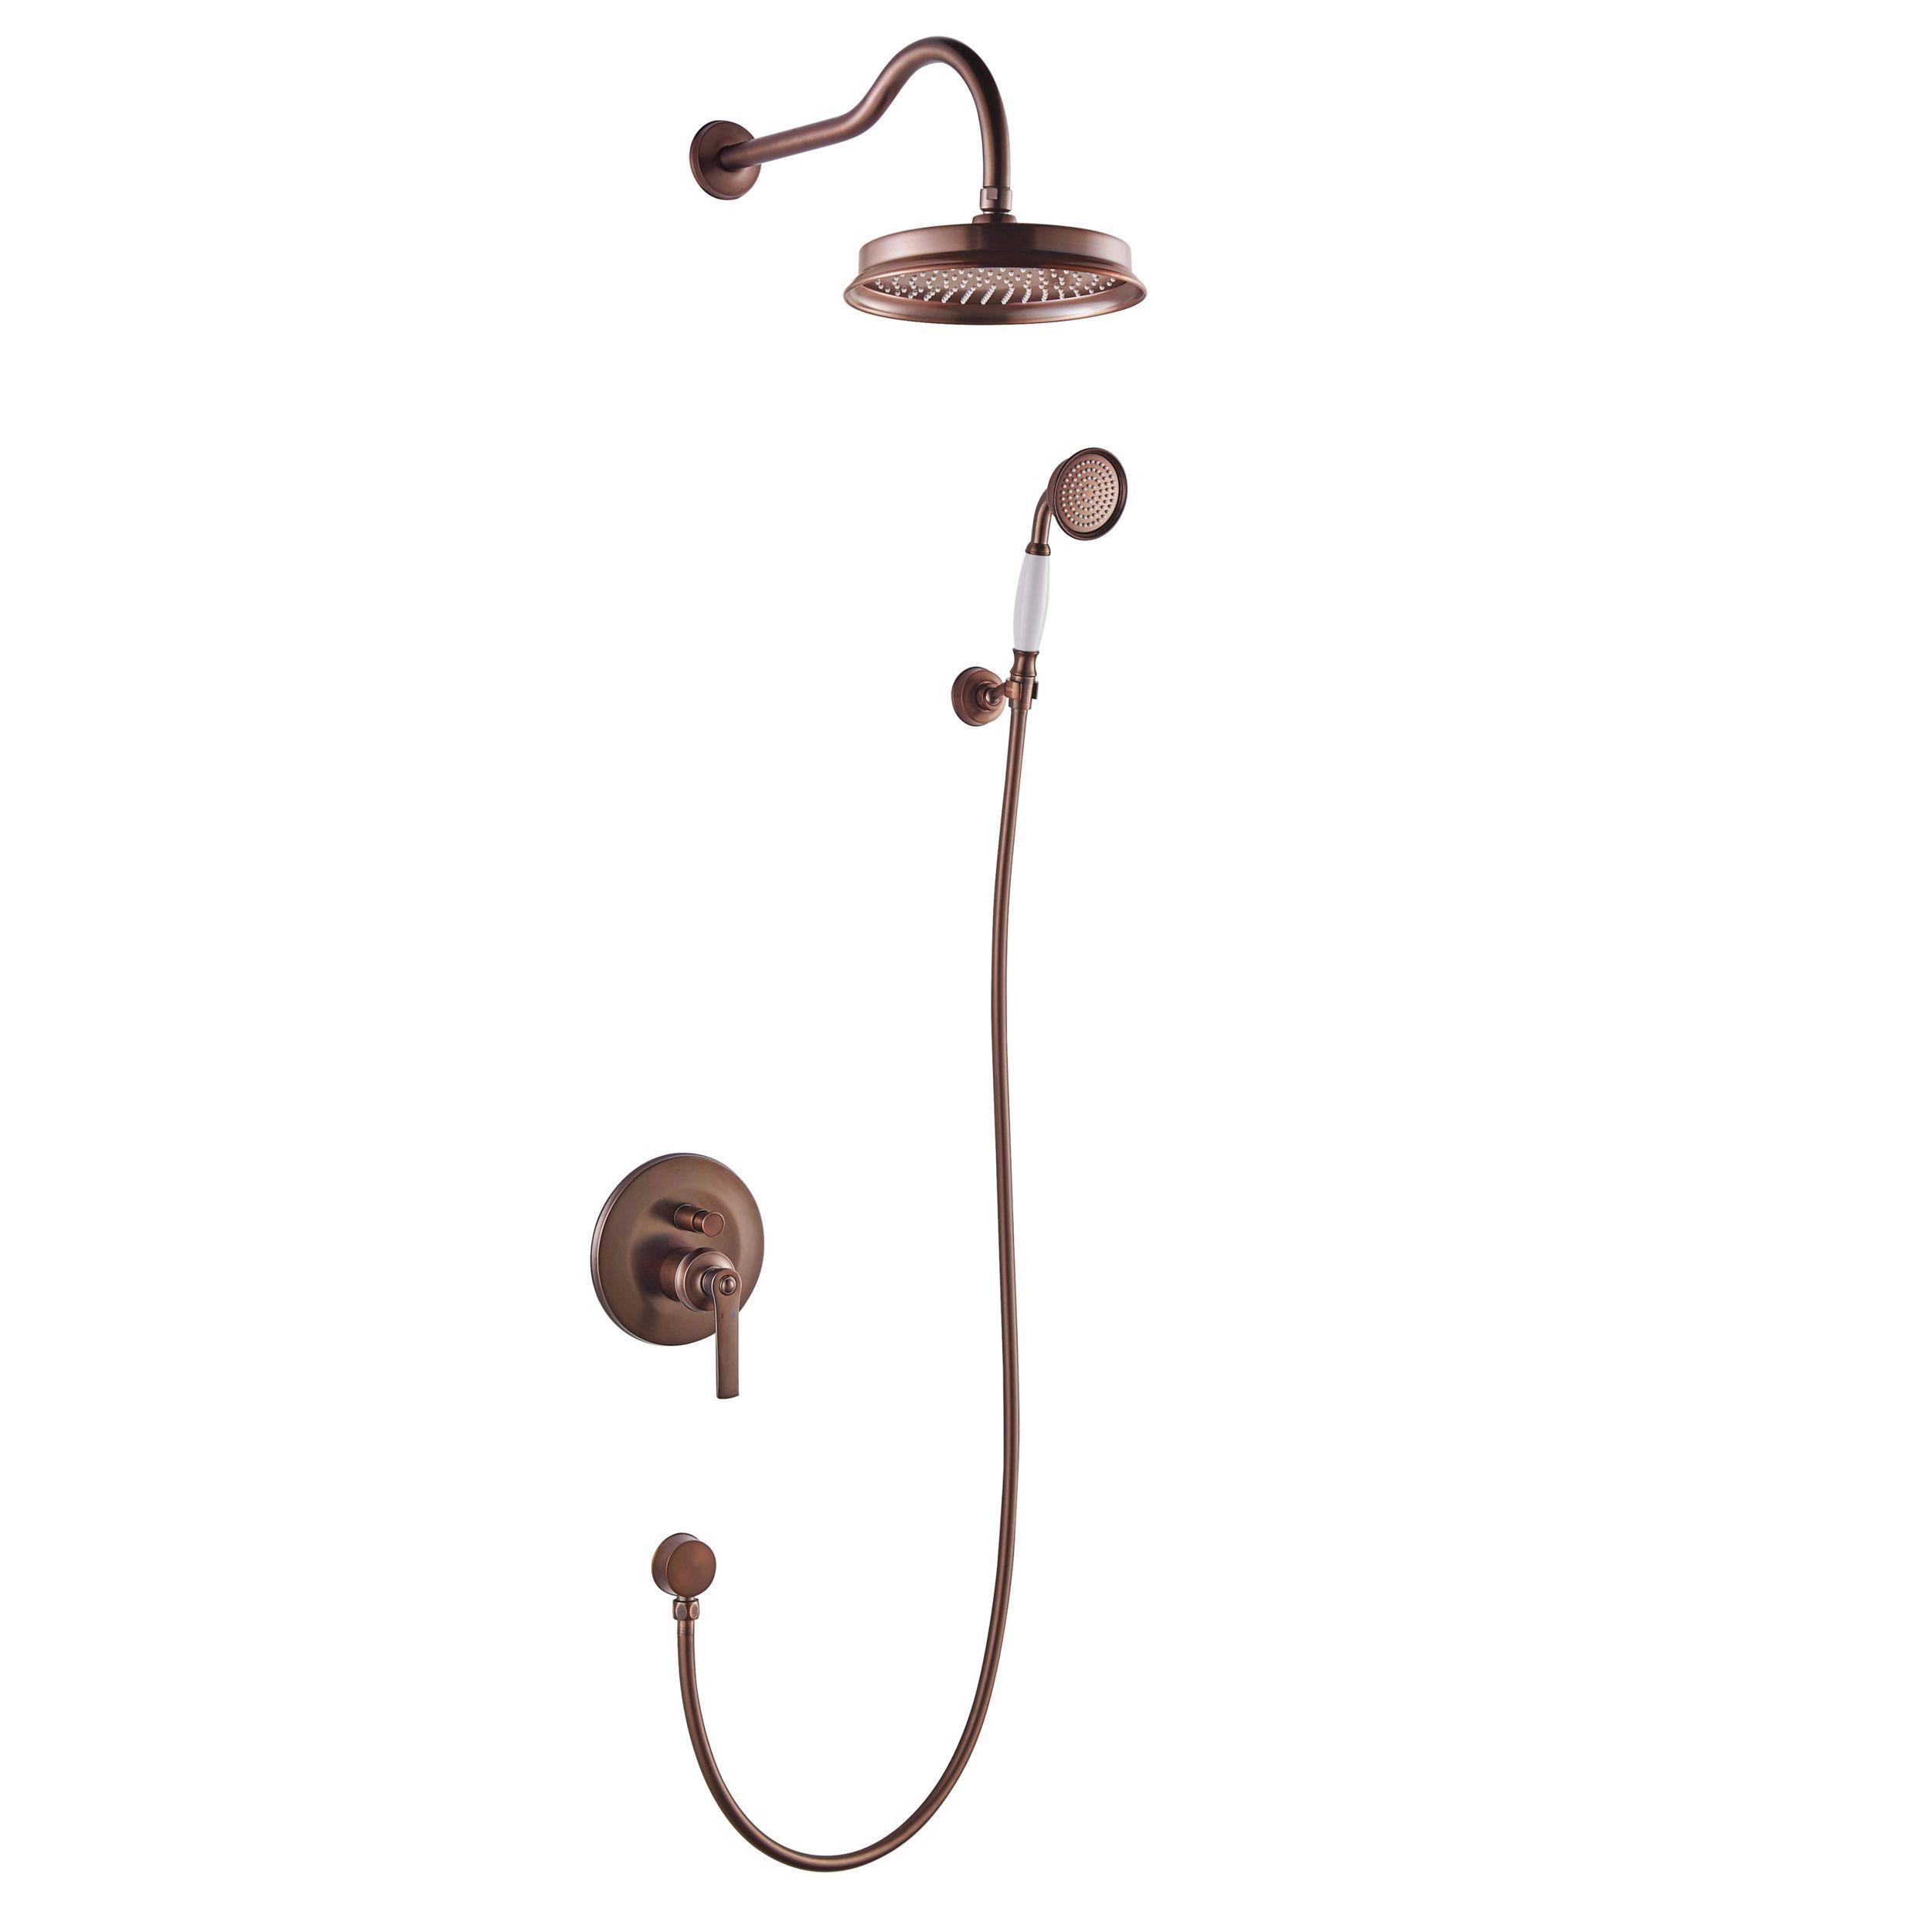 Full Size of Retro Unterputz Dusche Ignace Bluetooth Lautsprecher Badewanne Einhebelmischer Niederdruck Armatur Küche Bodenebene Mischbatterie Bodengleiche Einbauen Dusche Unterputz Armatur Dusche